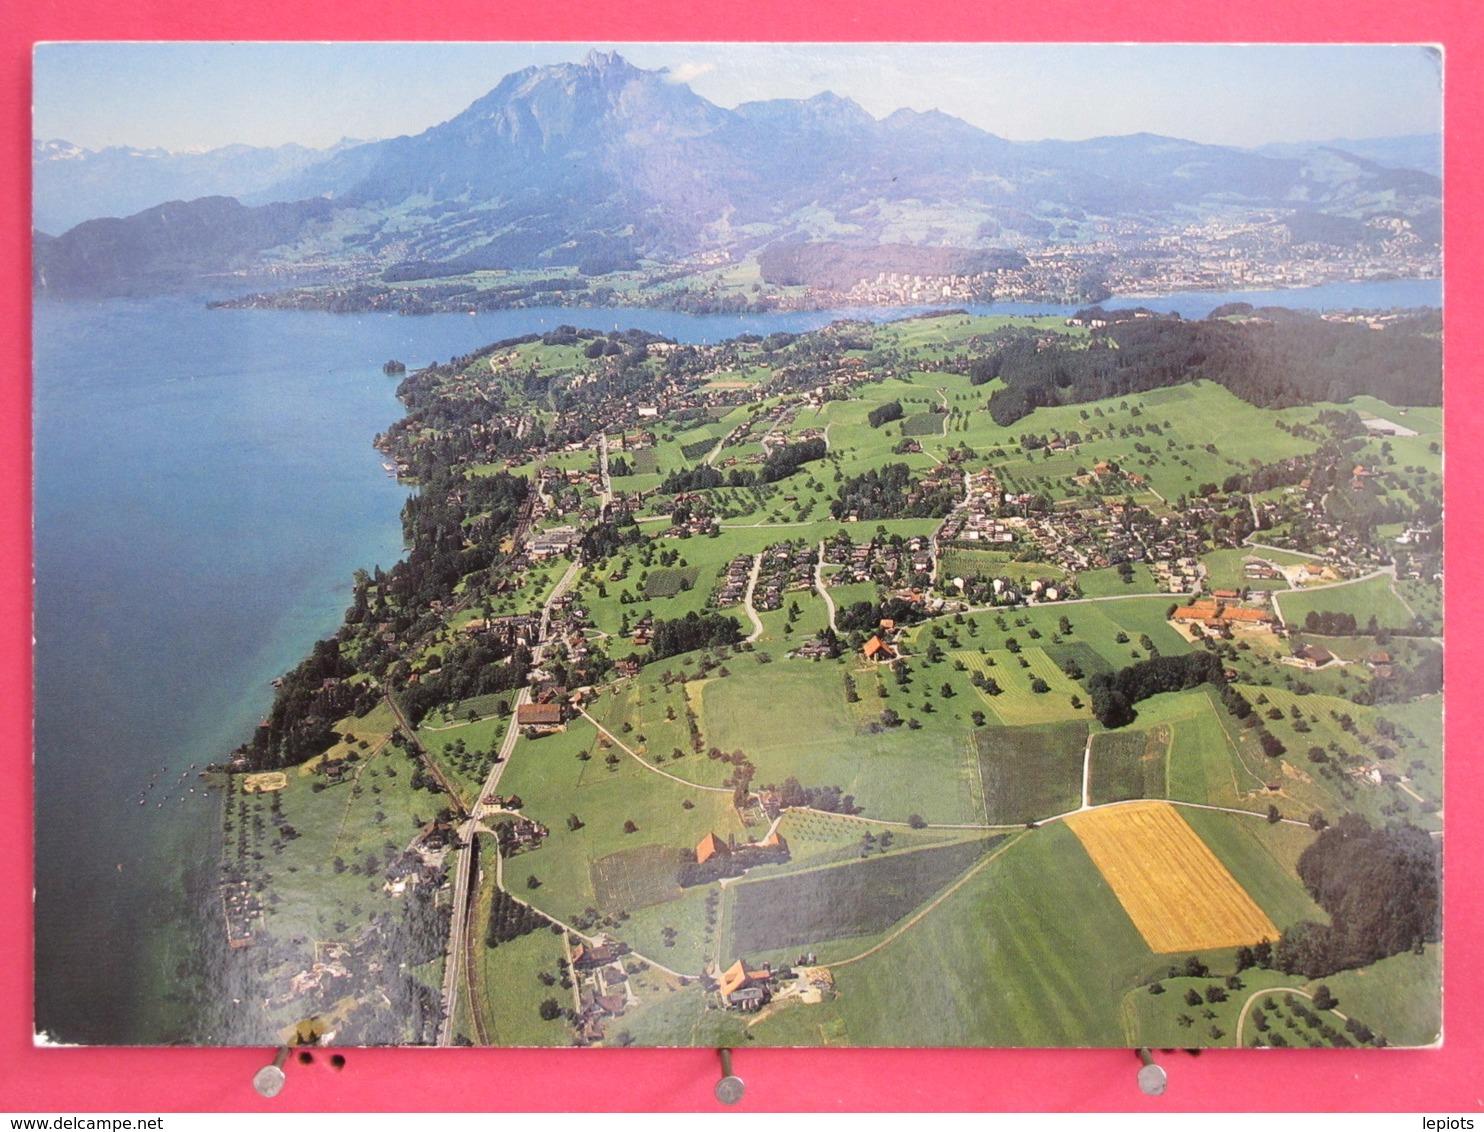 Suisse - Meggen Am Vierwaldstättersee Mit Pilatus Und Luzerner Bucht - Scans Recto-verso - LU Lucerne